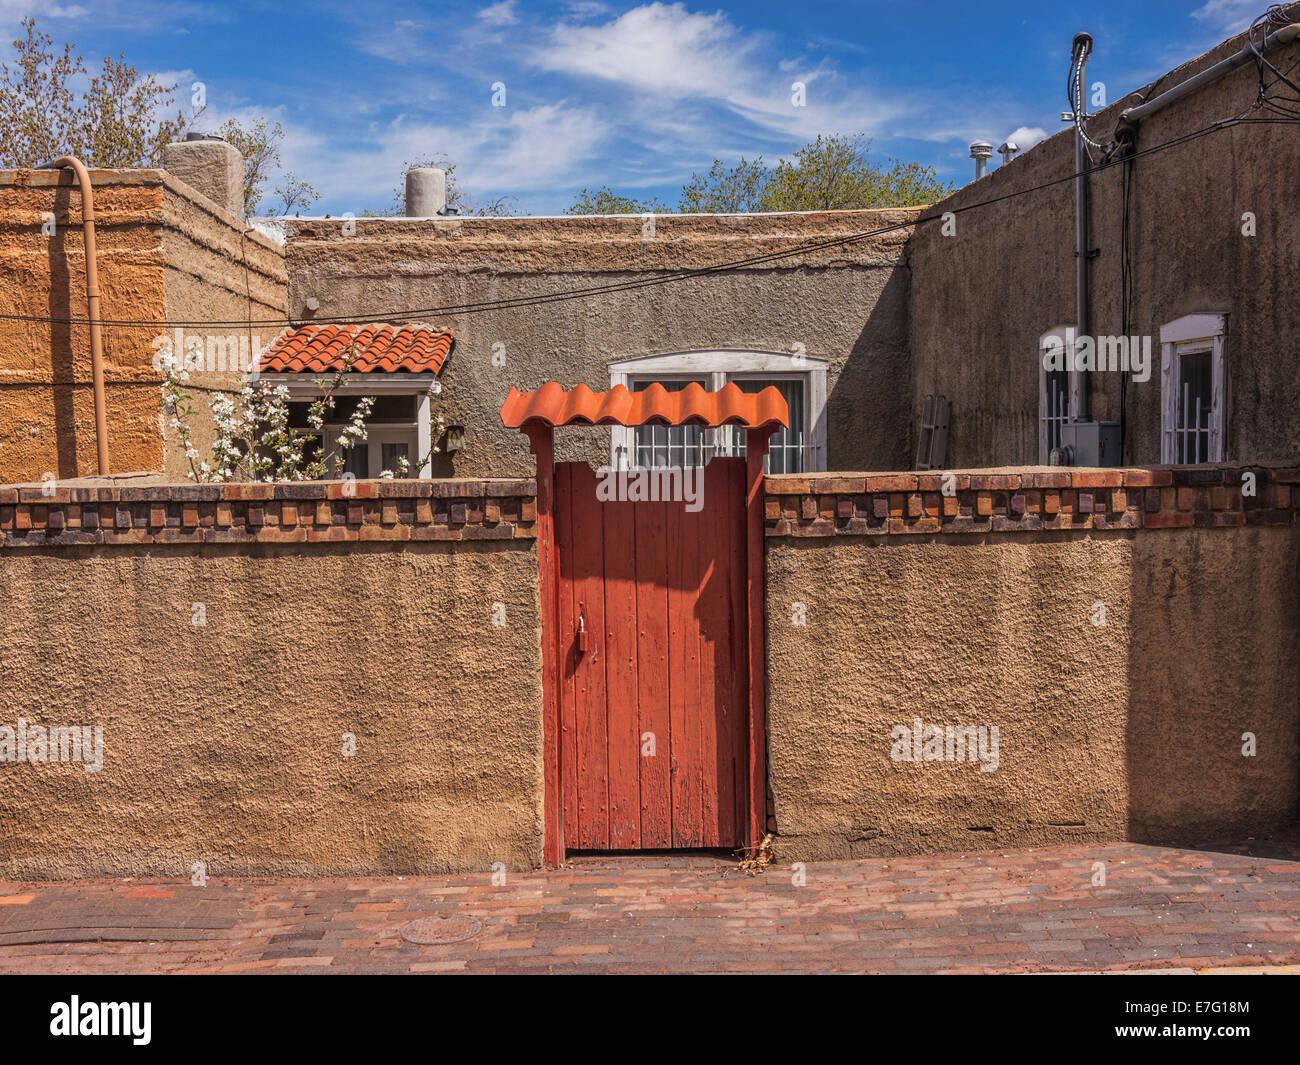 Old adobe house in Santa Fe, New Mexico. - Stock Image